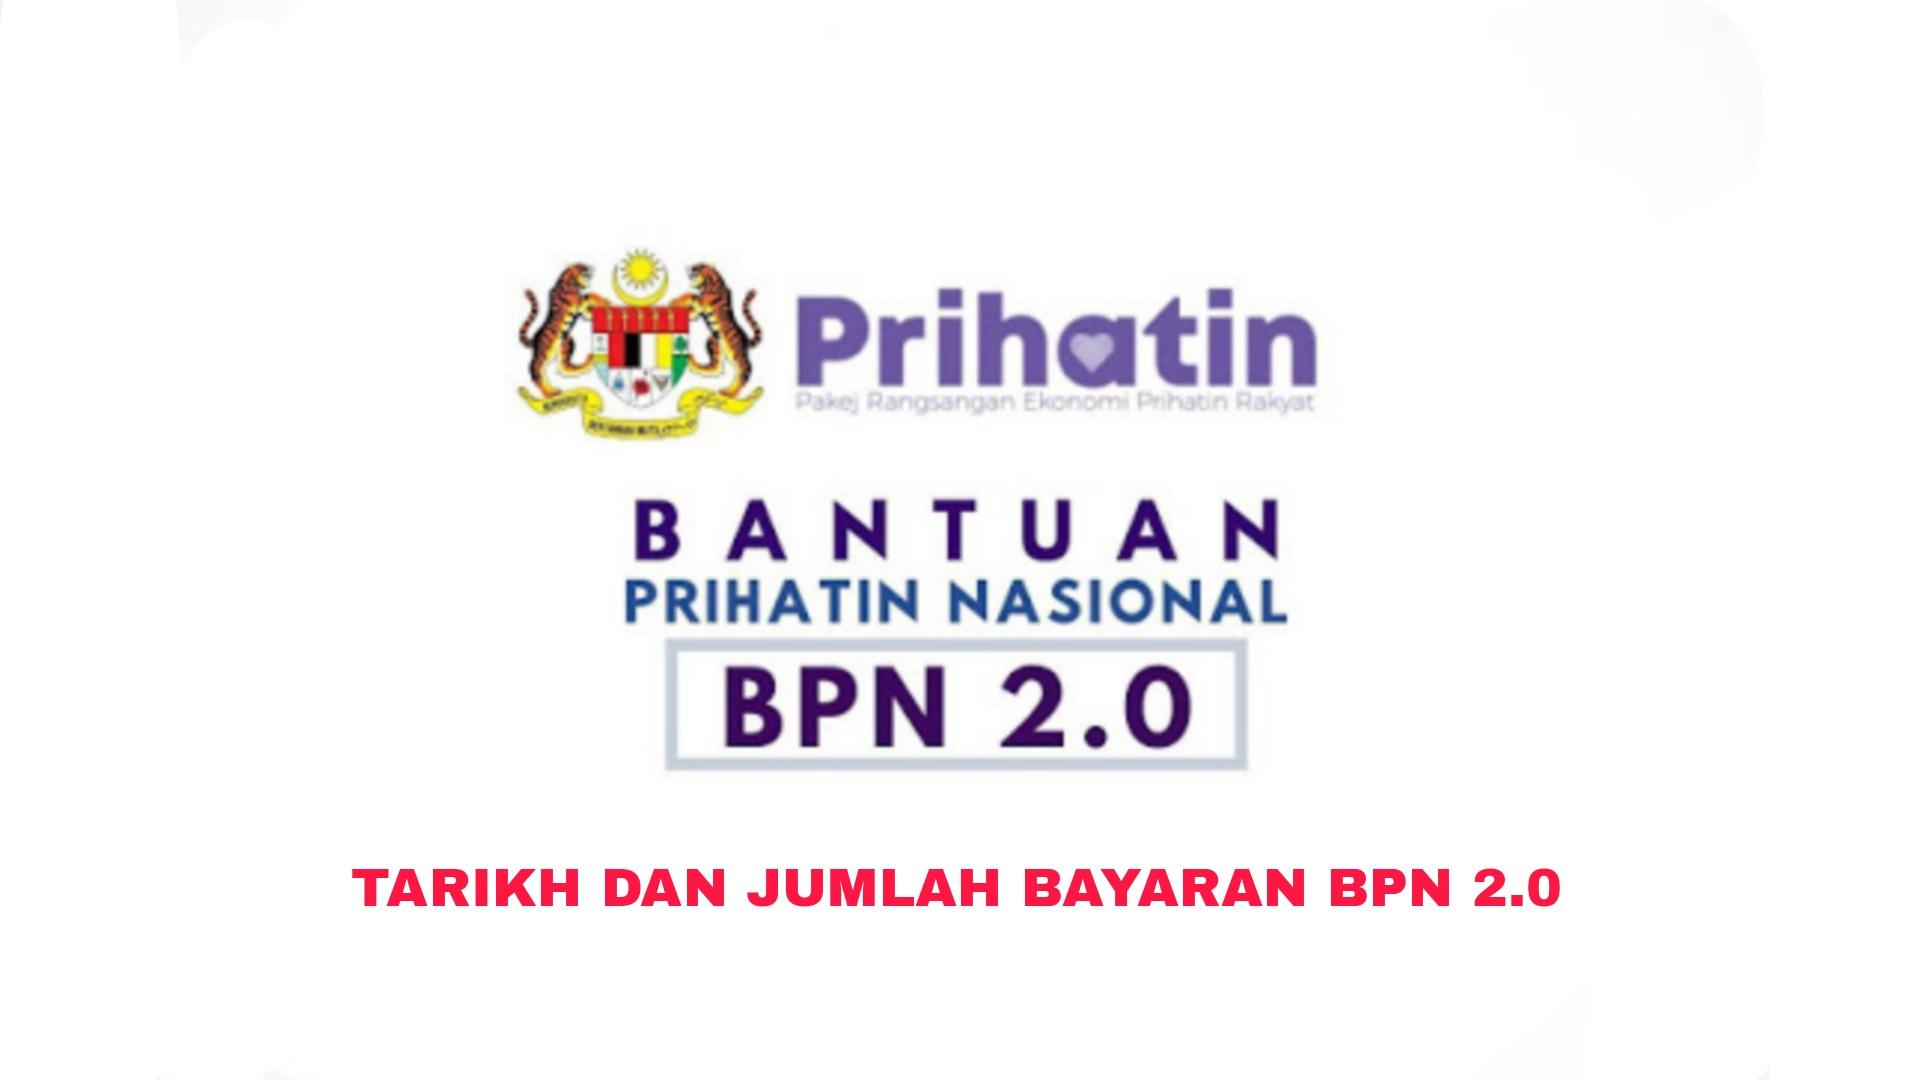 Tarikh Dan Jumlah Bayaran BPN 2.0 (Bantuan Prihatin Nasional)